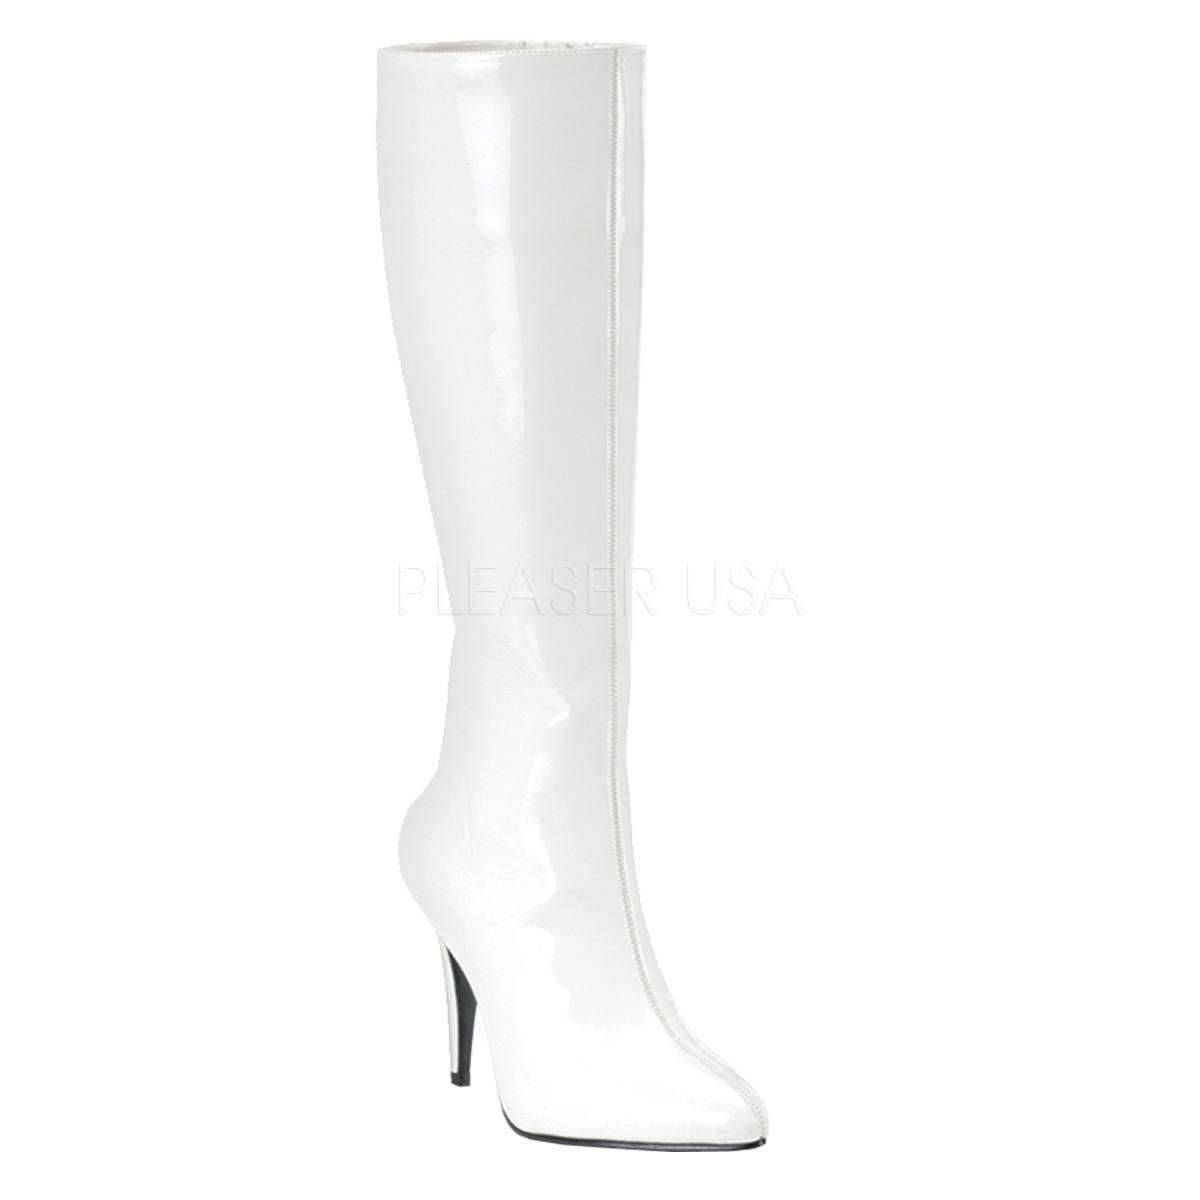 Stiefel - LUST 2000 ° Damen Stiefel ° Weiß Glänzend ° Funtasma  - Onlineshop RedSixty